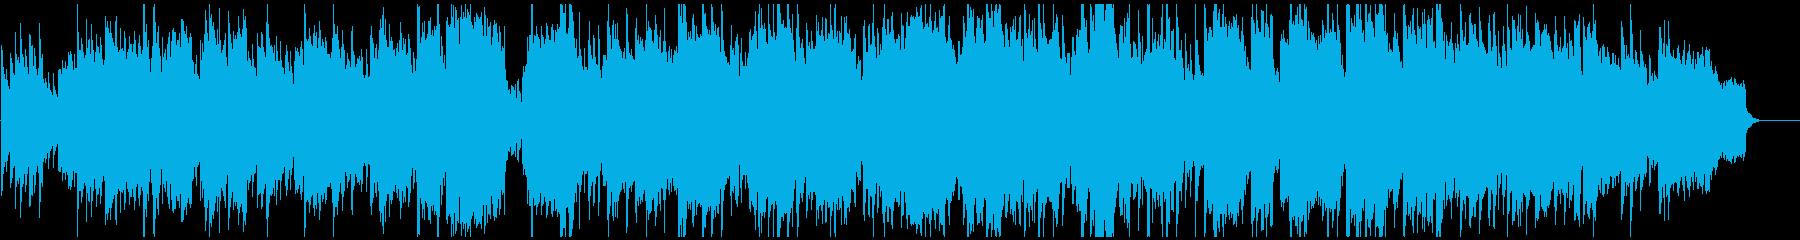 ほのぼの和洋折衷な日常BGM 篠笛生演奏の再生済みの波形